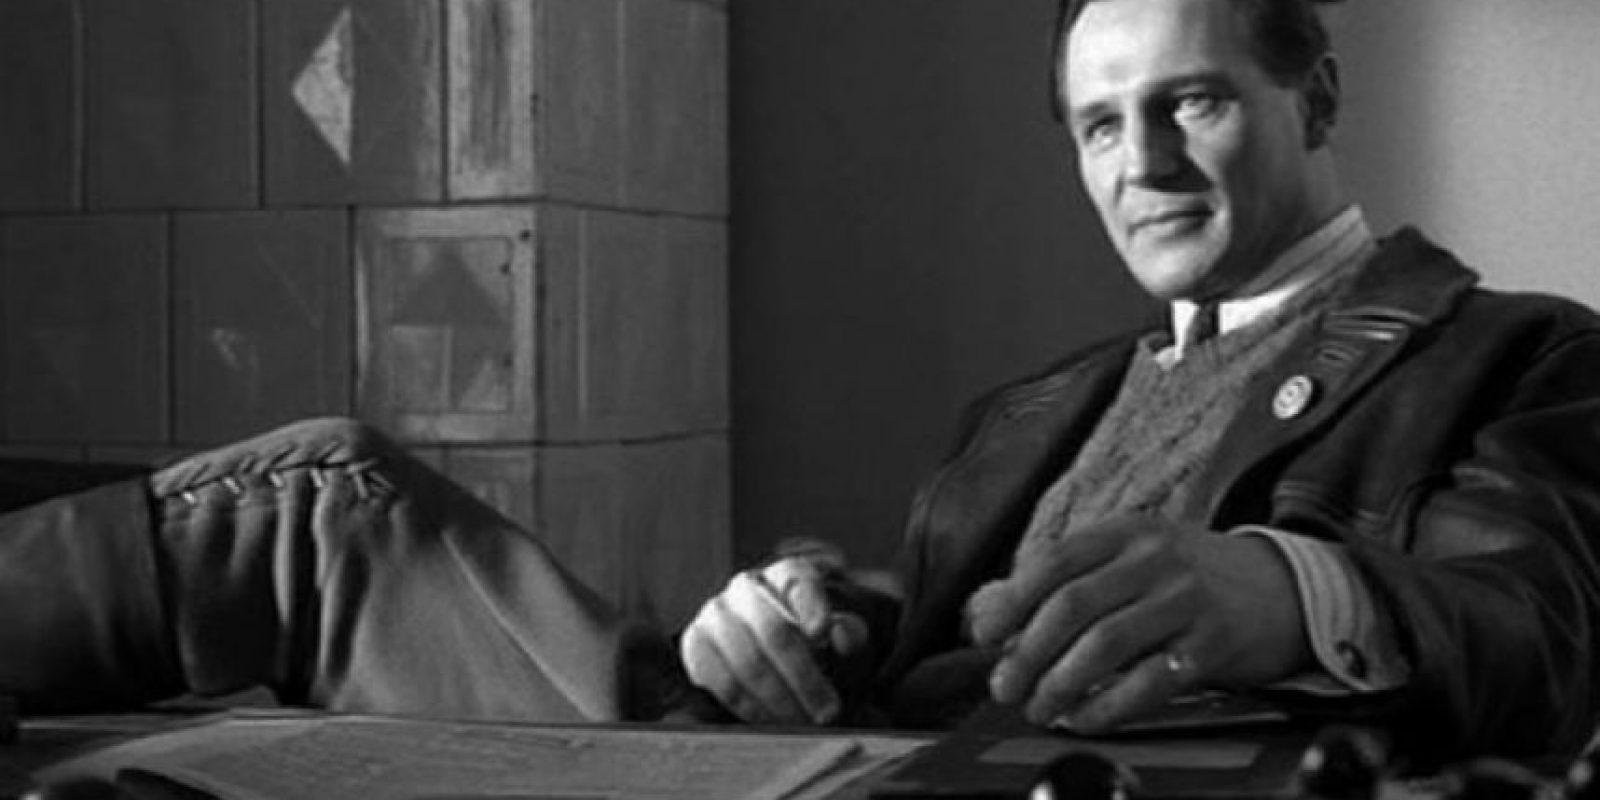 """""""La lista de Schindler"""" es una película estadounidense biográfica de 1993 dirigida por Steven Spielberg. La película ganó siete premios, incluido el de mejor película, mejor director y mejor banda sonora. Foto:Amblin Entertainment"""